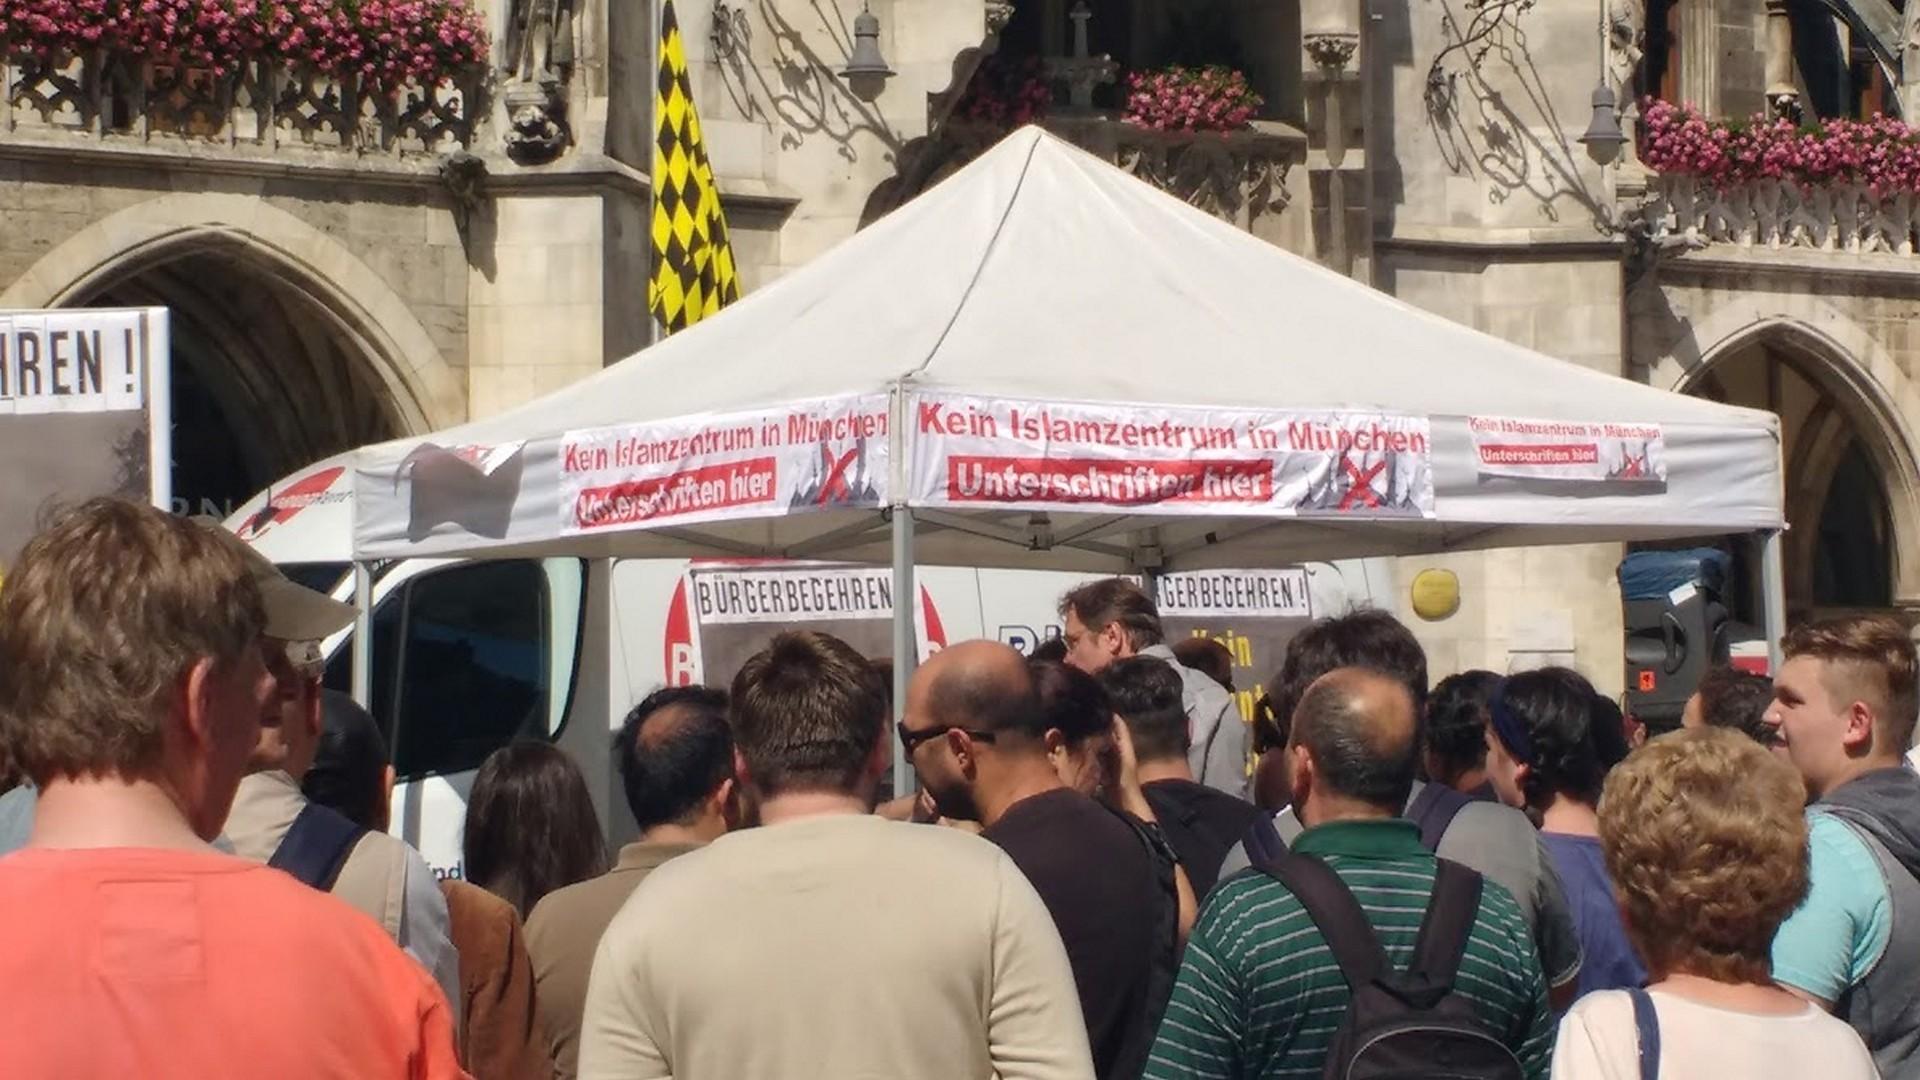 Abaixo-assinado contra centro islâmico em Munique